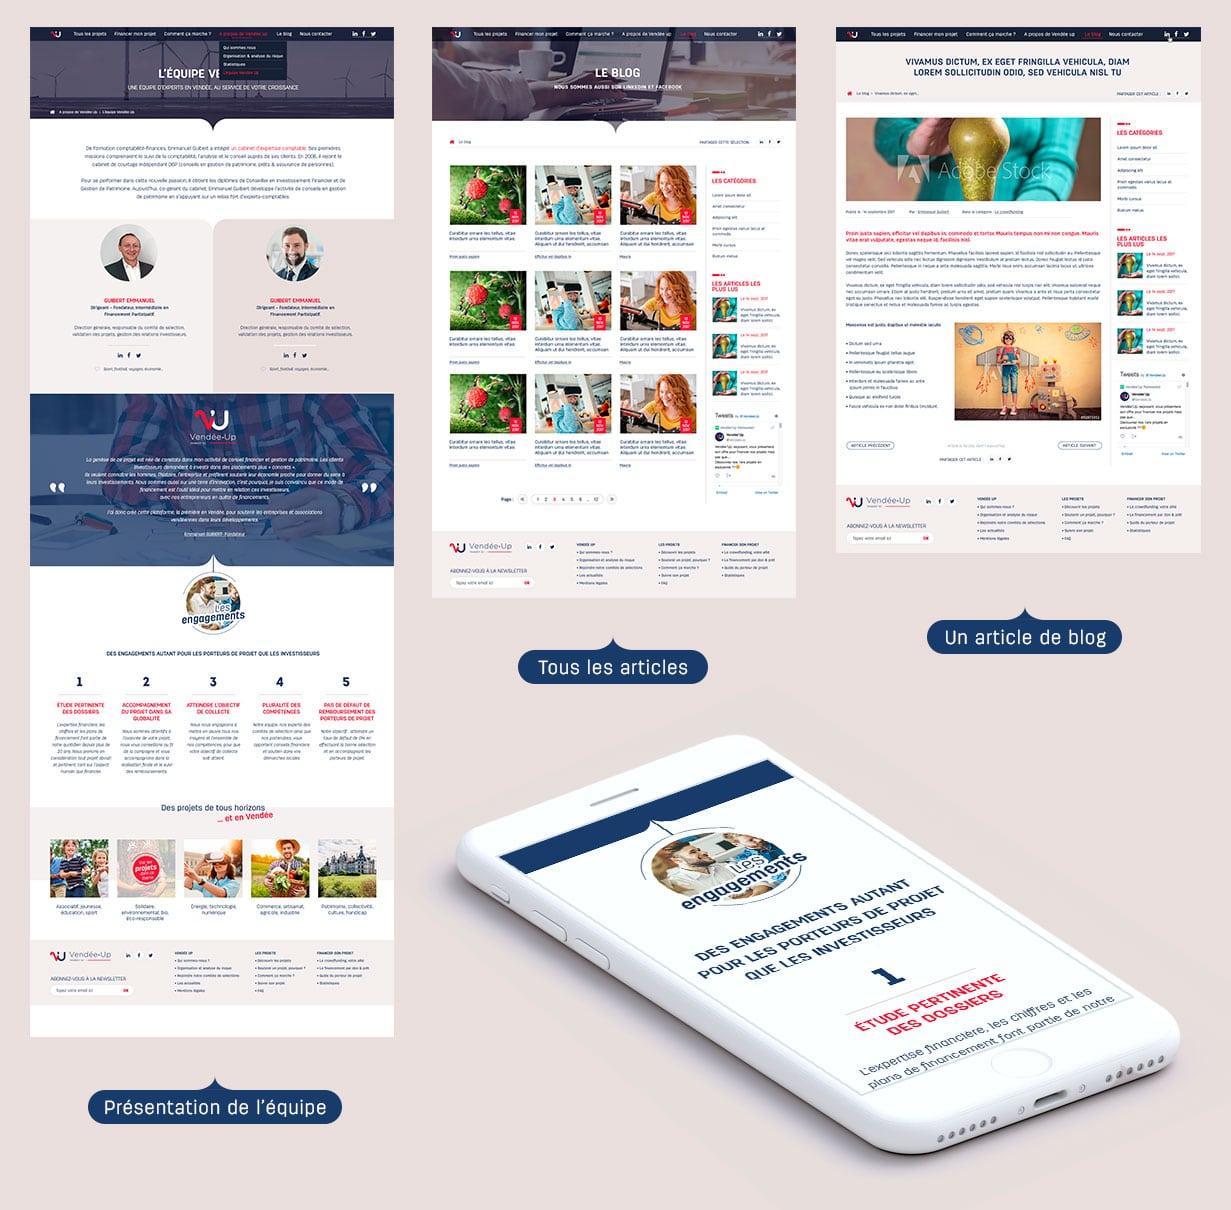 Déclinaison responsive des pages web